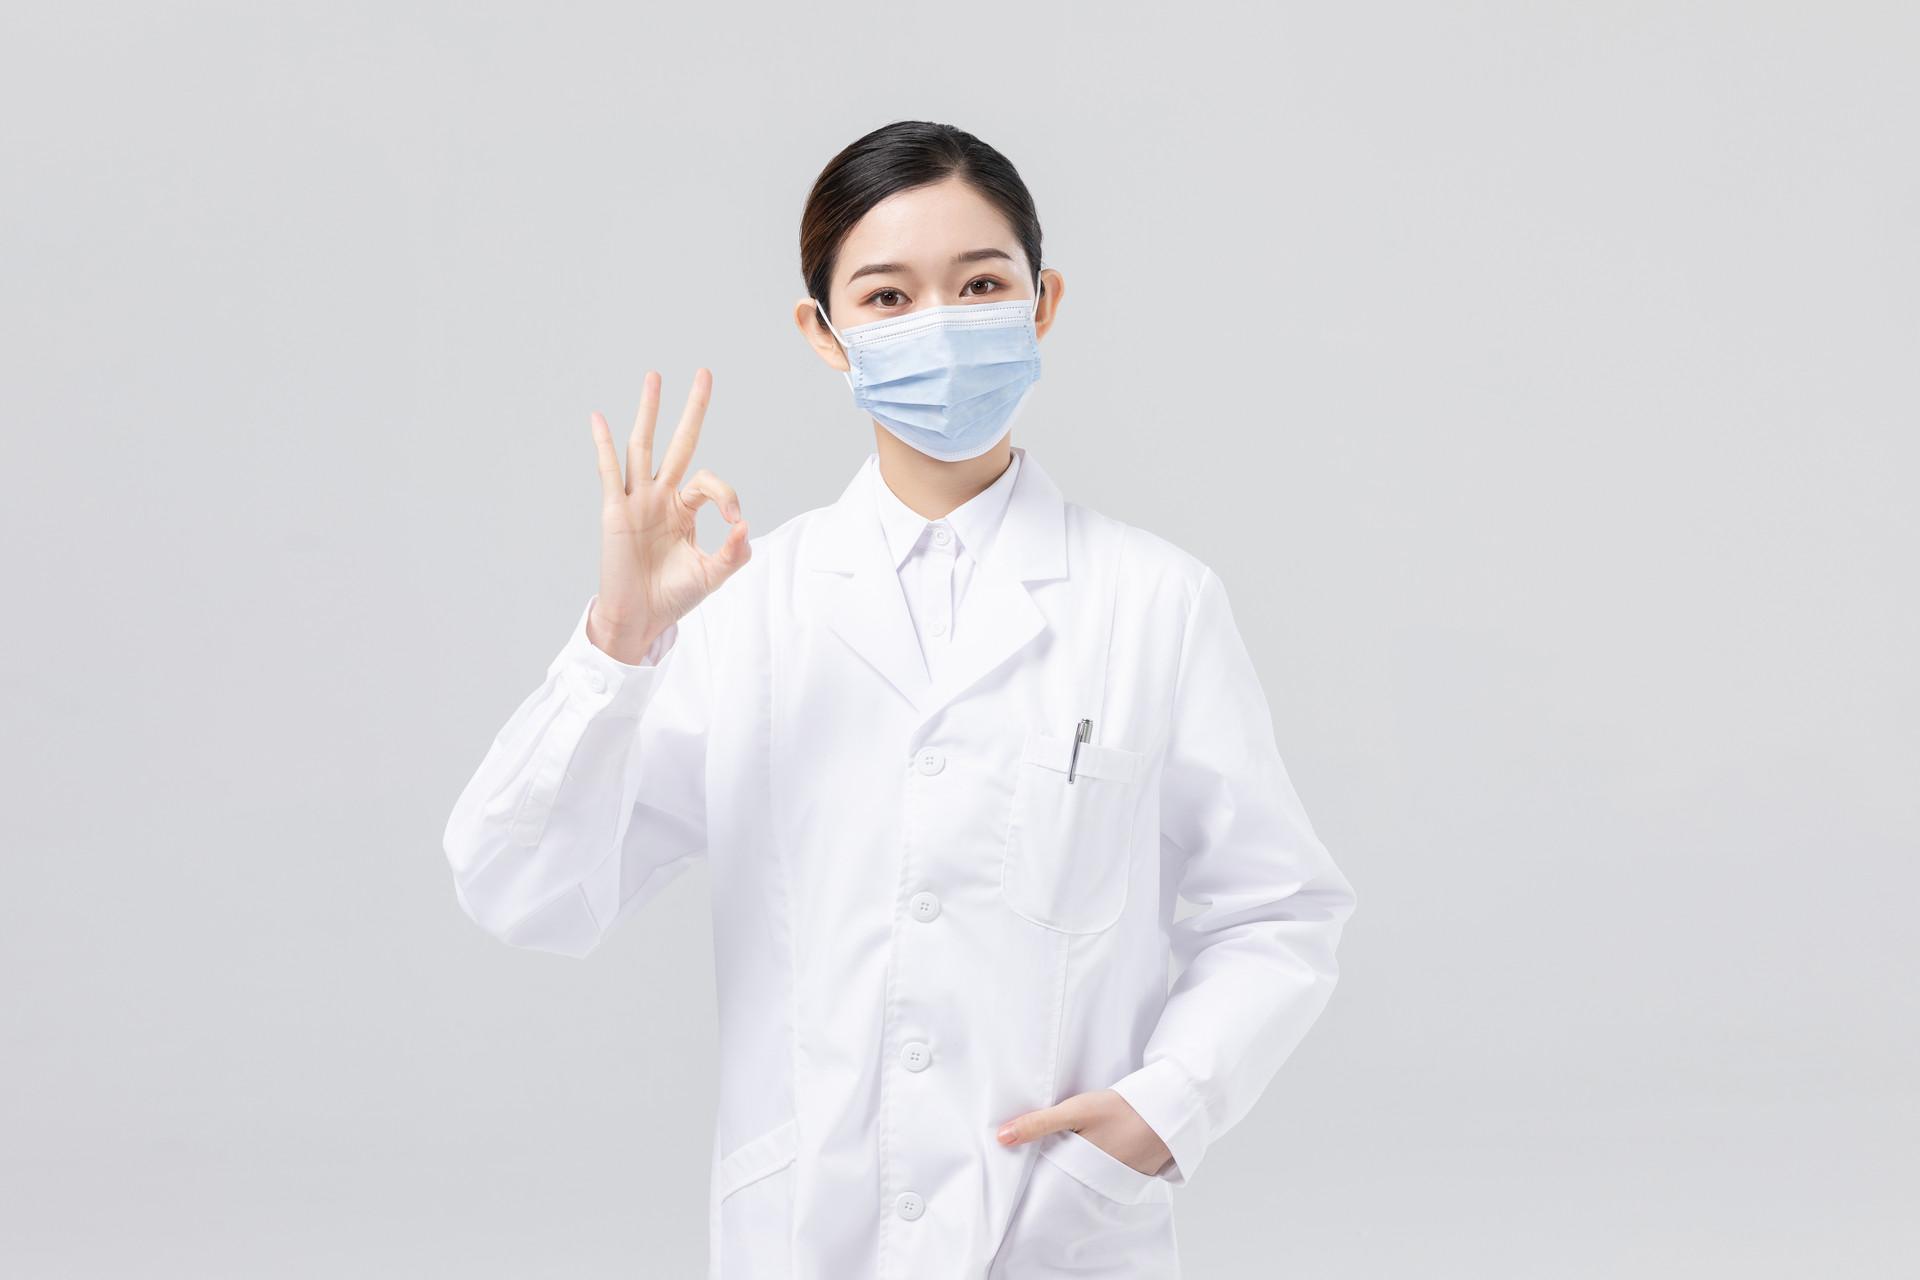 芜湖镜湖区健康管理师培训机构哪里好-地址-电话